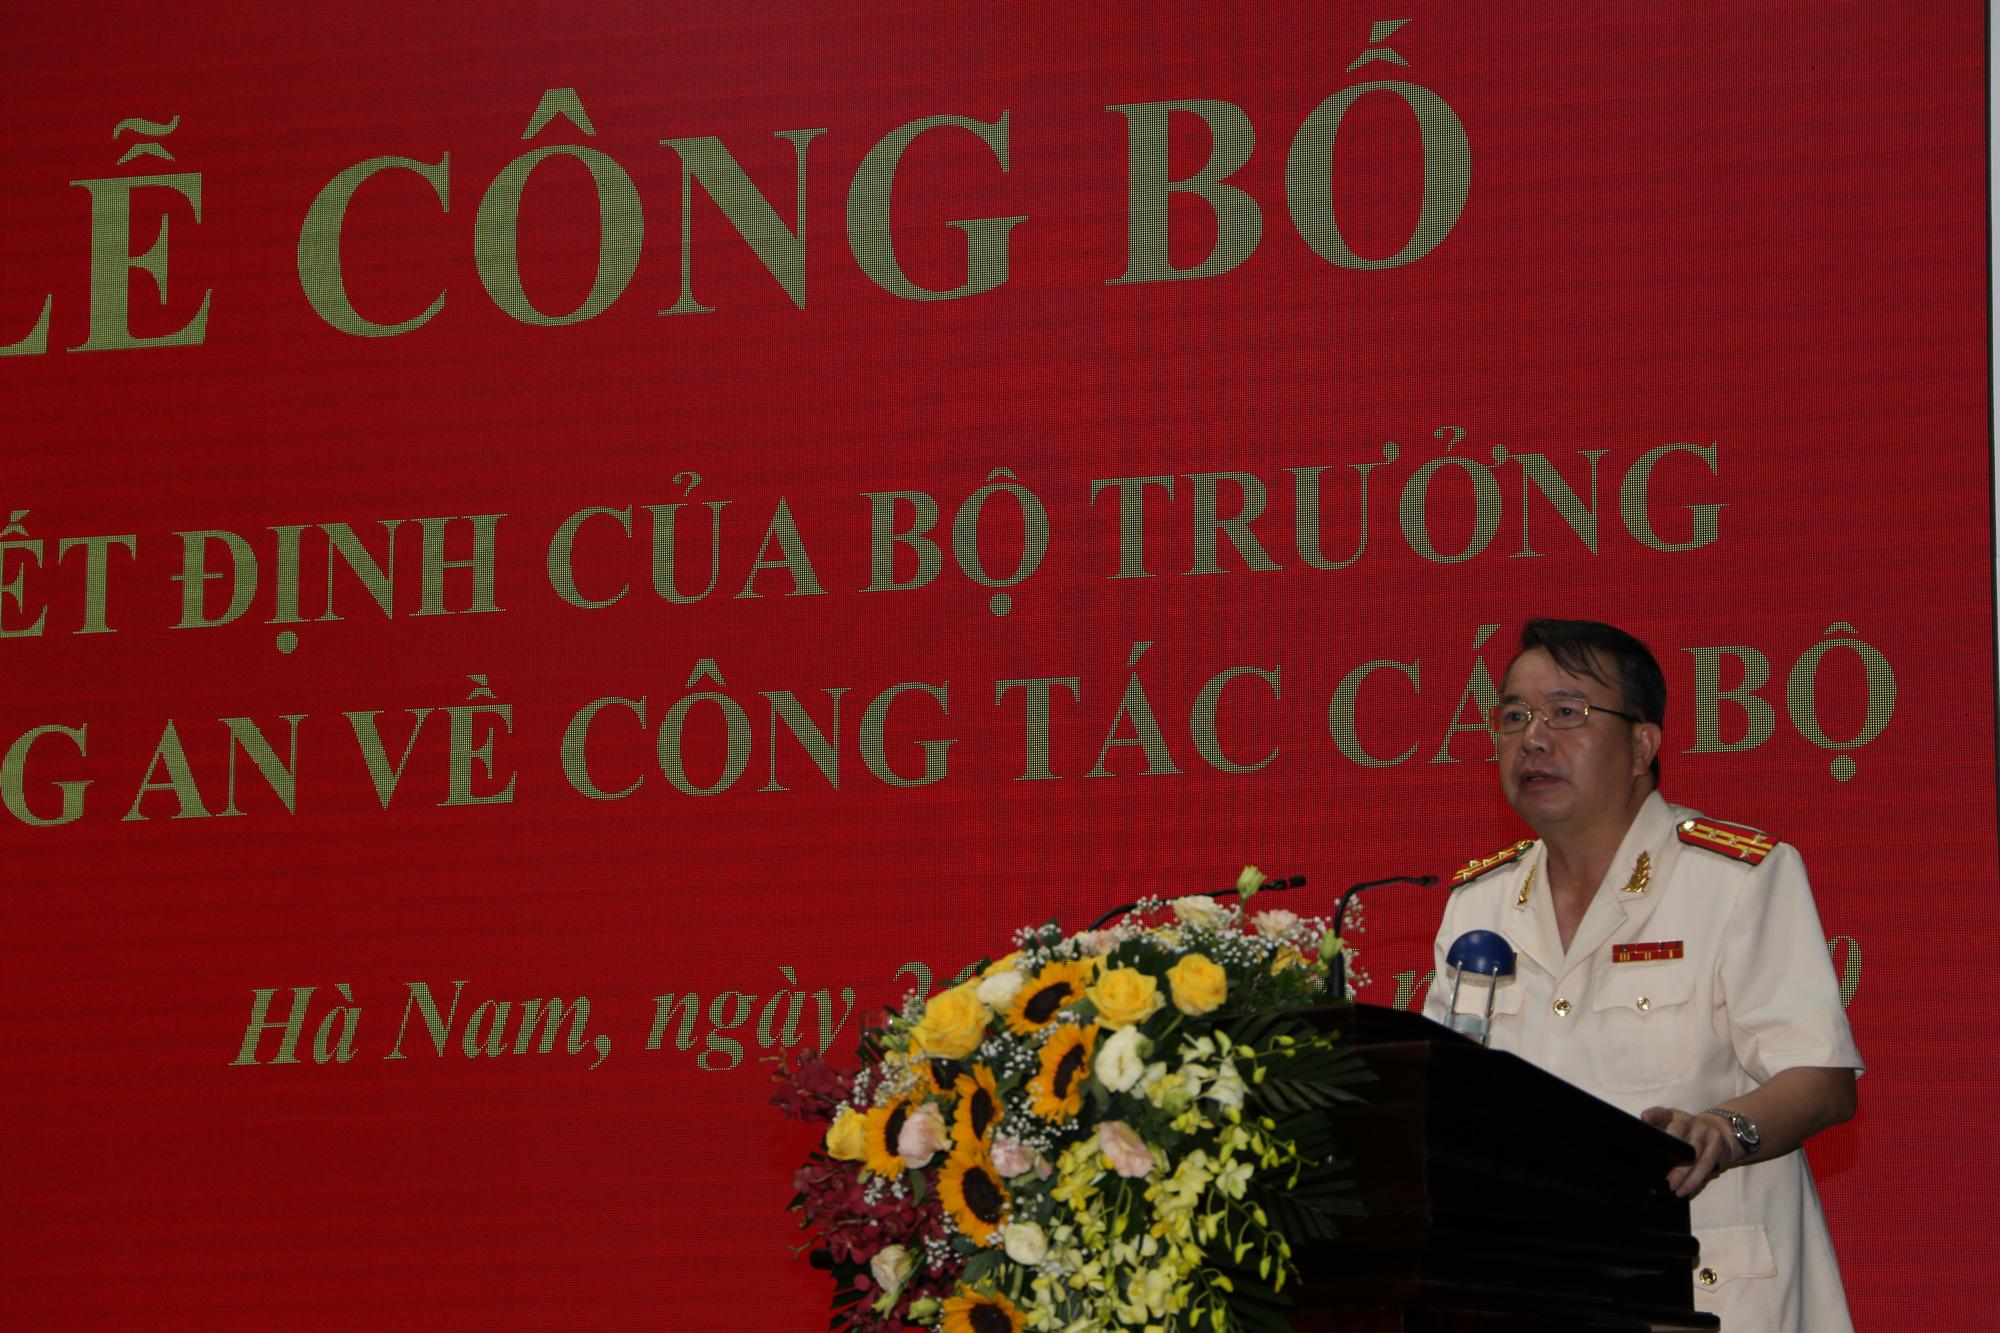 Giám đốc Công an Hà Nam làm Cục trưởng Cảnh sát giao thông thay Trung tướng Vũ Đỗ Anh Dũng - Ảnh 1.